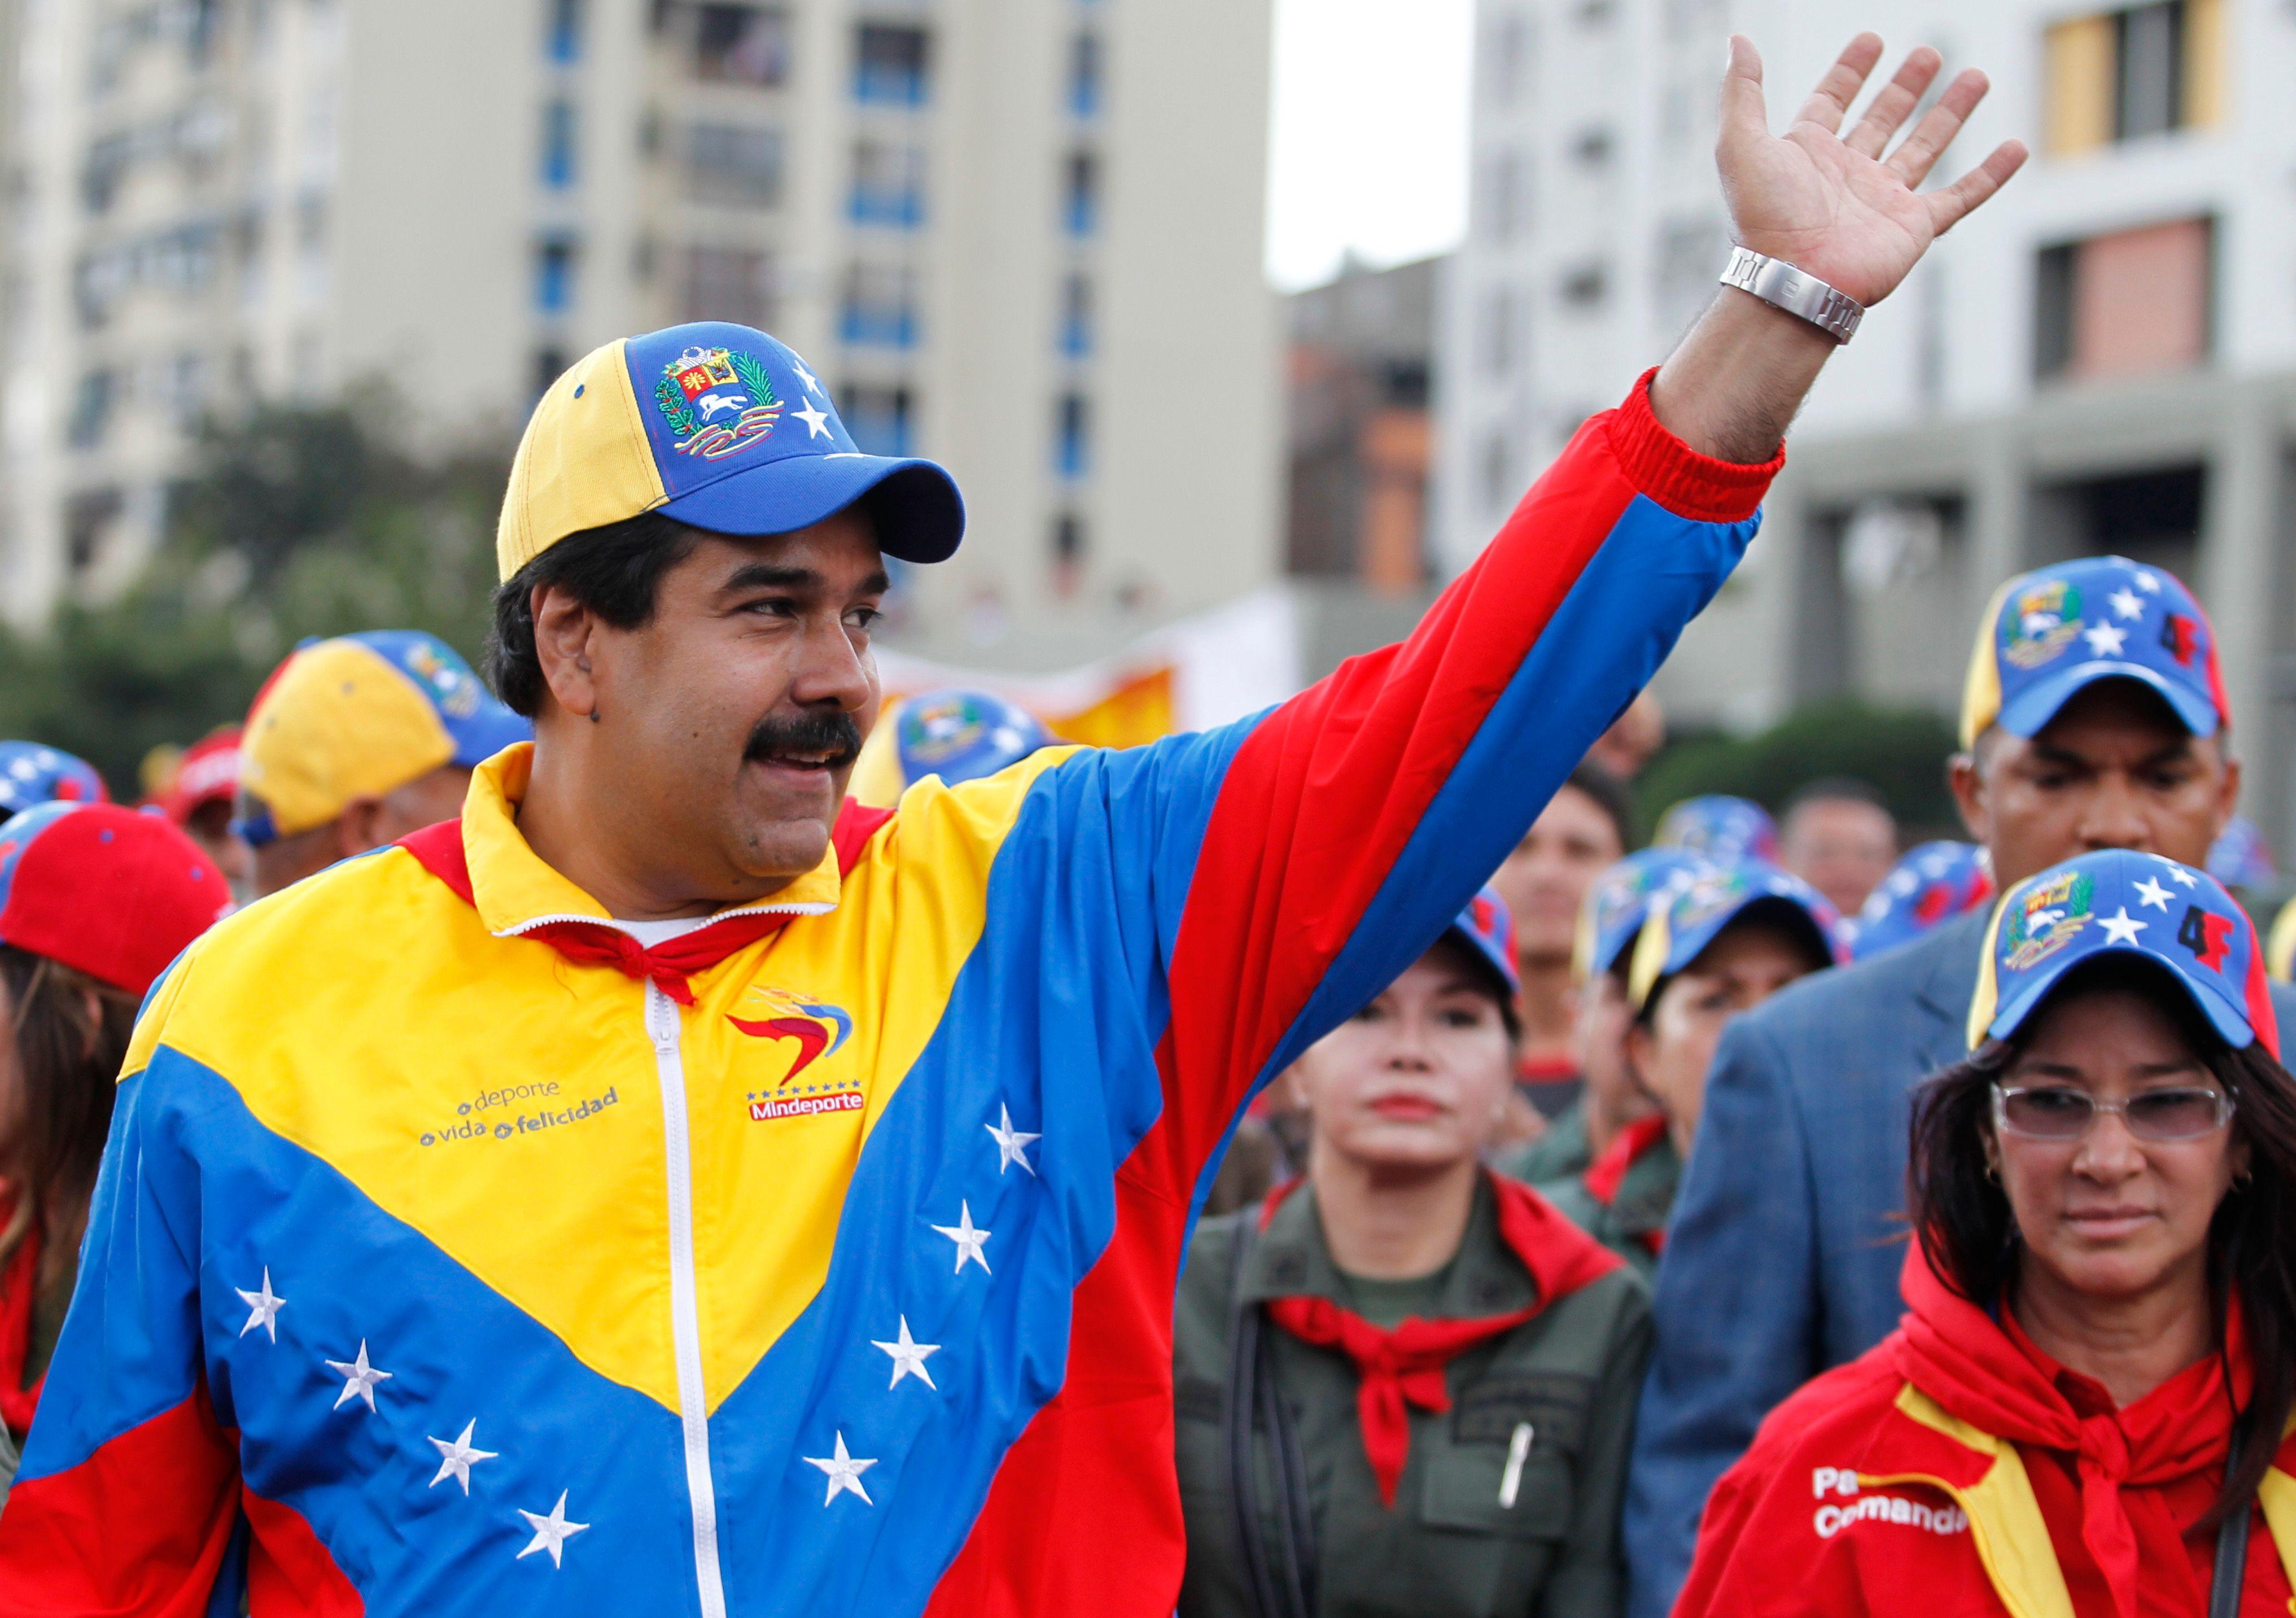 Nicolas Maduro est actuellement très contesté dans son pays